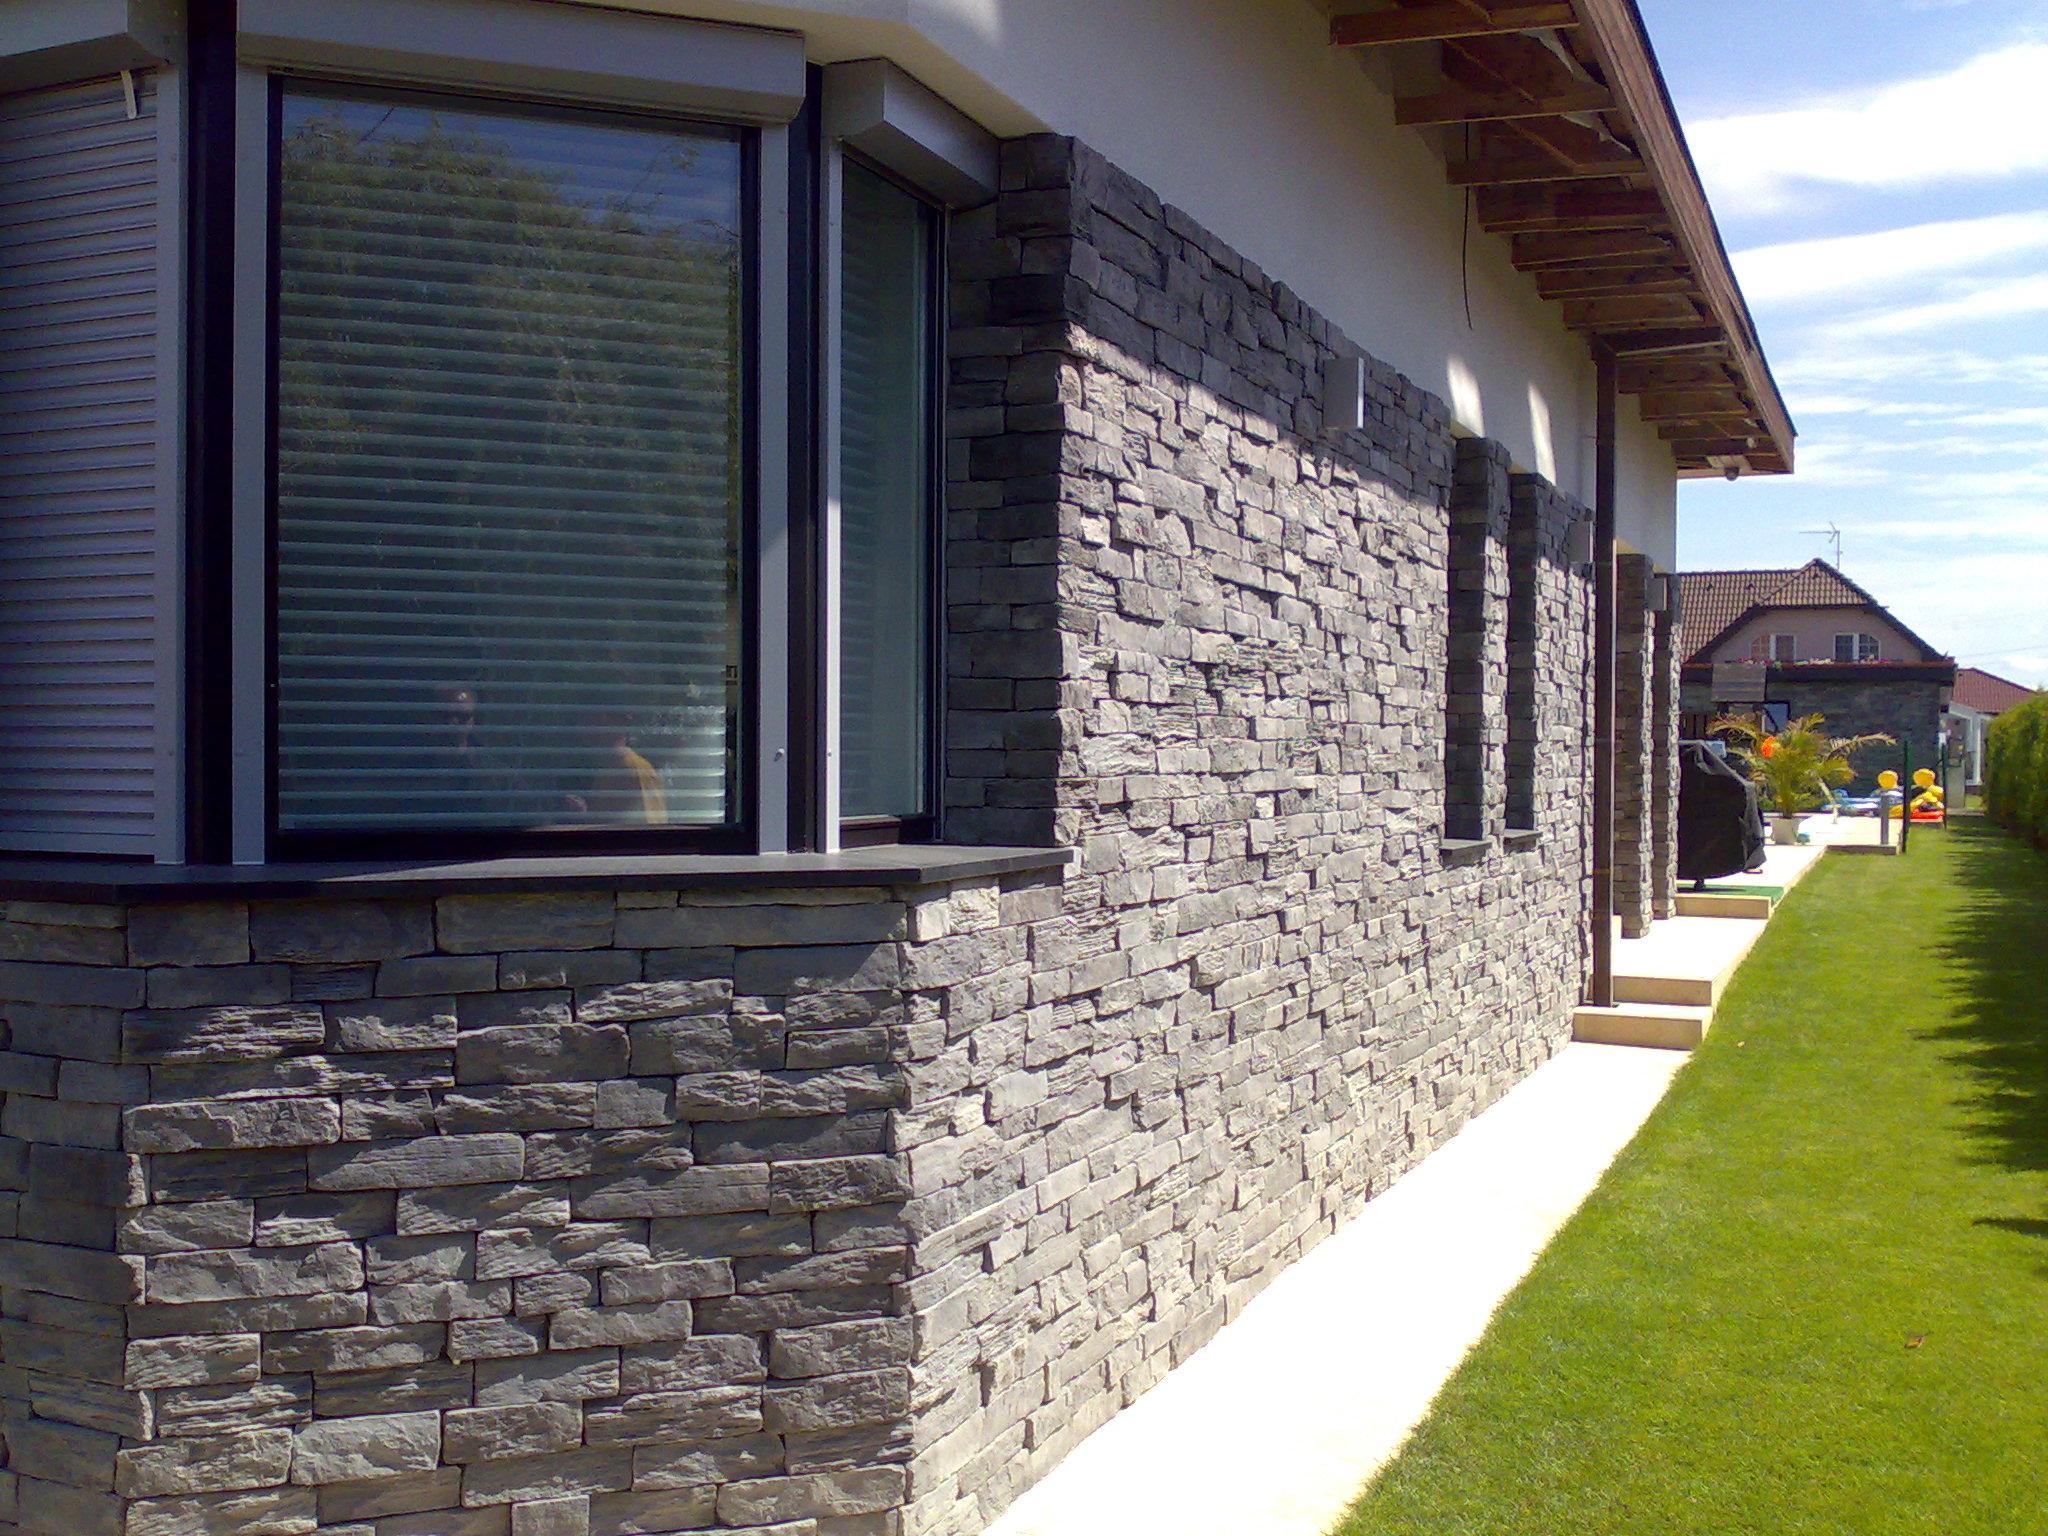 steinwand zeigelsteinwand steine auf steine kleben steine einbauanleitung steinwand neu. Black Bedroom Furniture Sets. Home Design Ideas